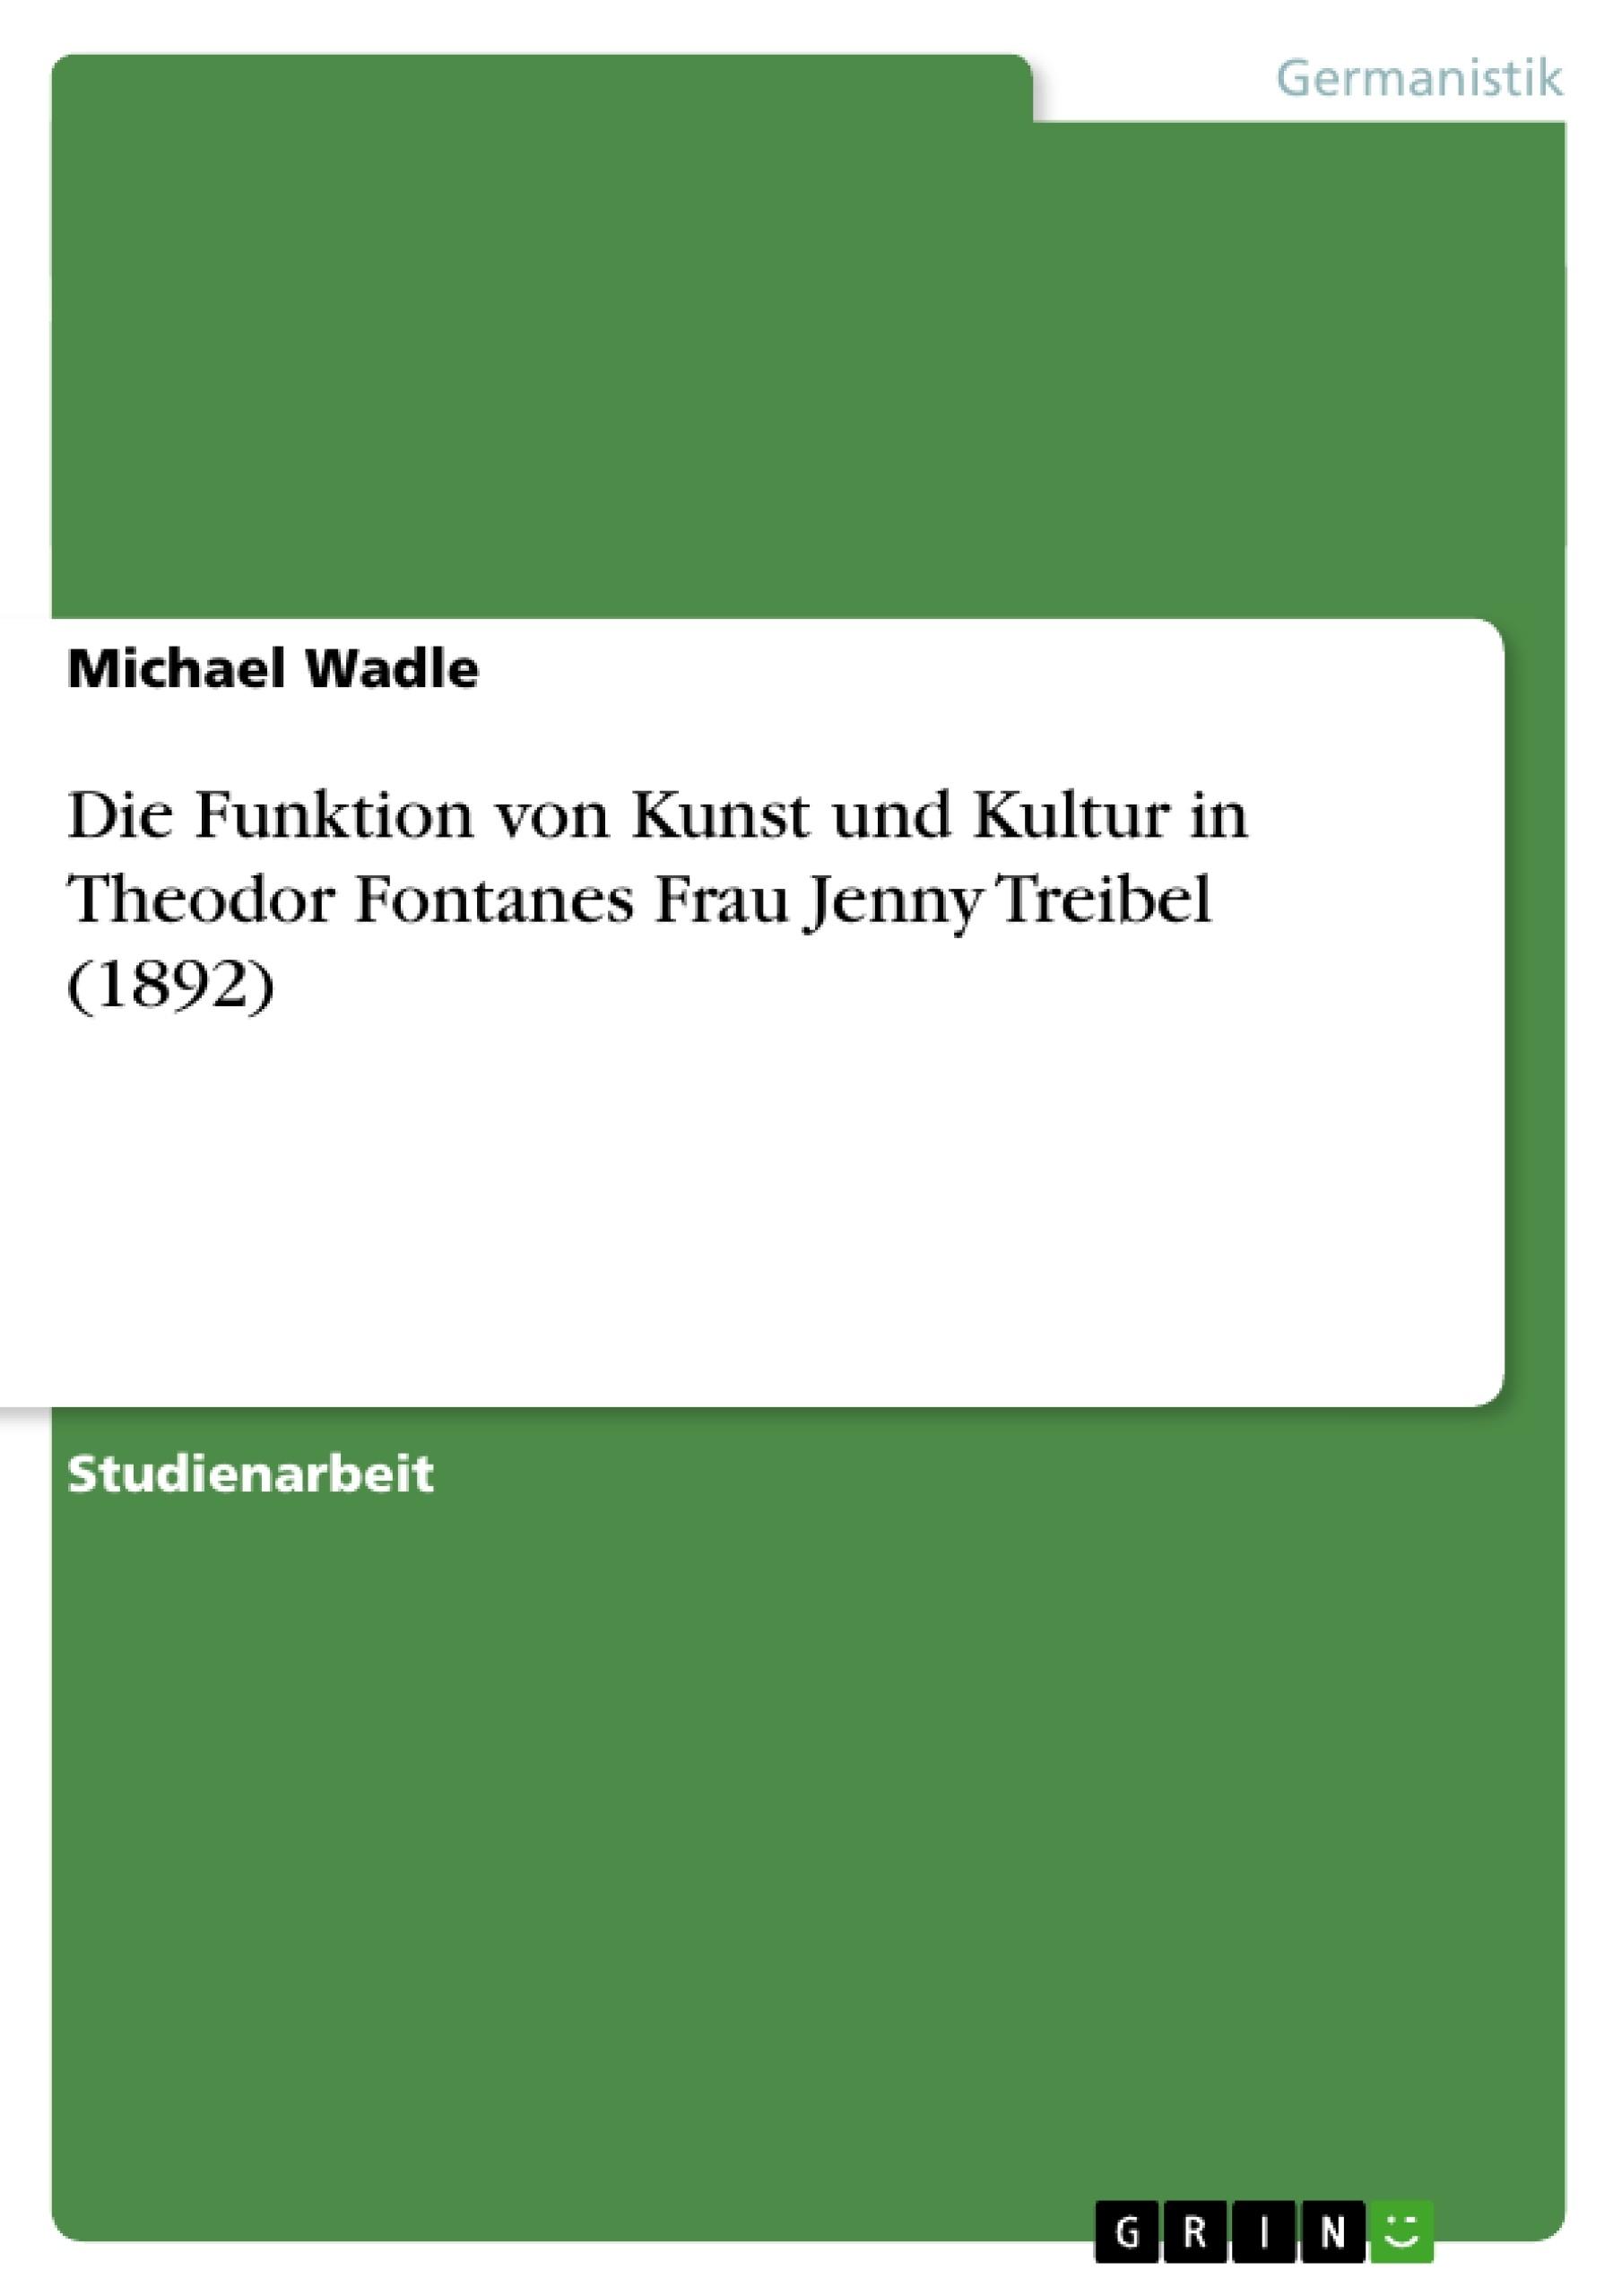 Titel: Die Funktion von Kunst und Kultur in Theodor Fontanes Frau Jenny Treibel (1892)